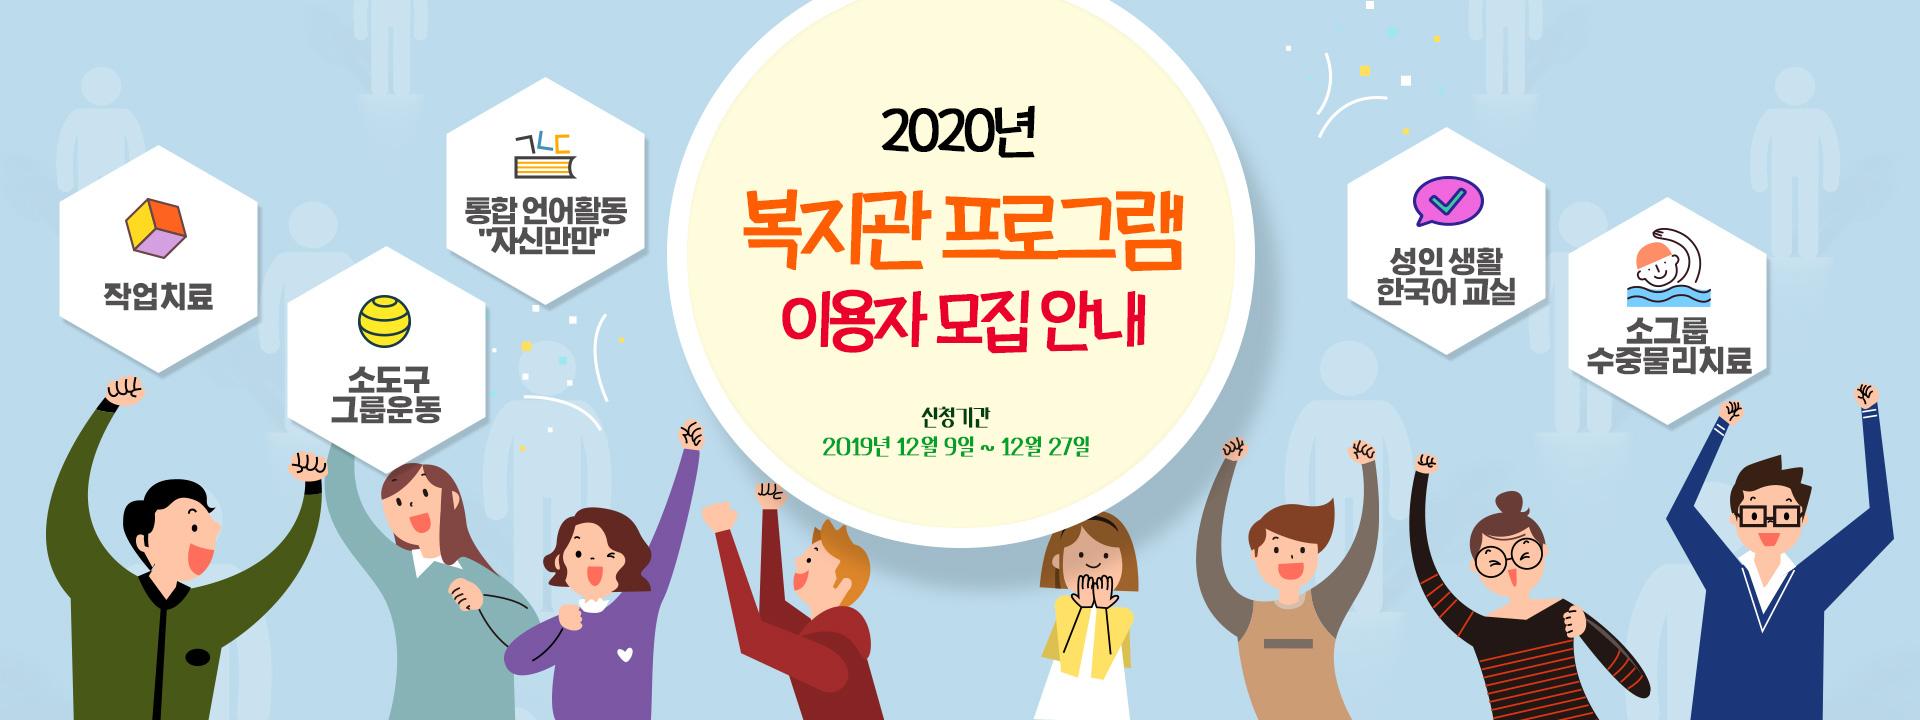 [2020년 복지관 프로그램 이용자 모집 안내] 신청기간 : 2019년 12월 9일 ~ 12월 27일 - 작업치료, 소도구그룹운동, 통합 언어활동